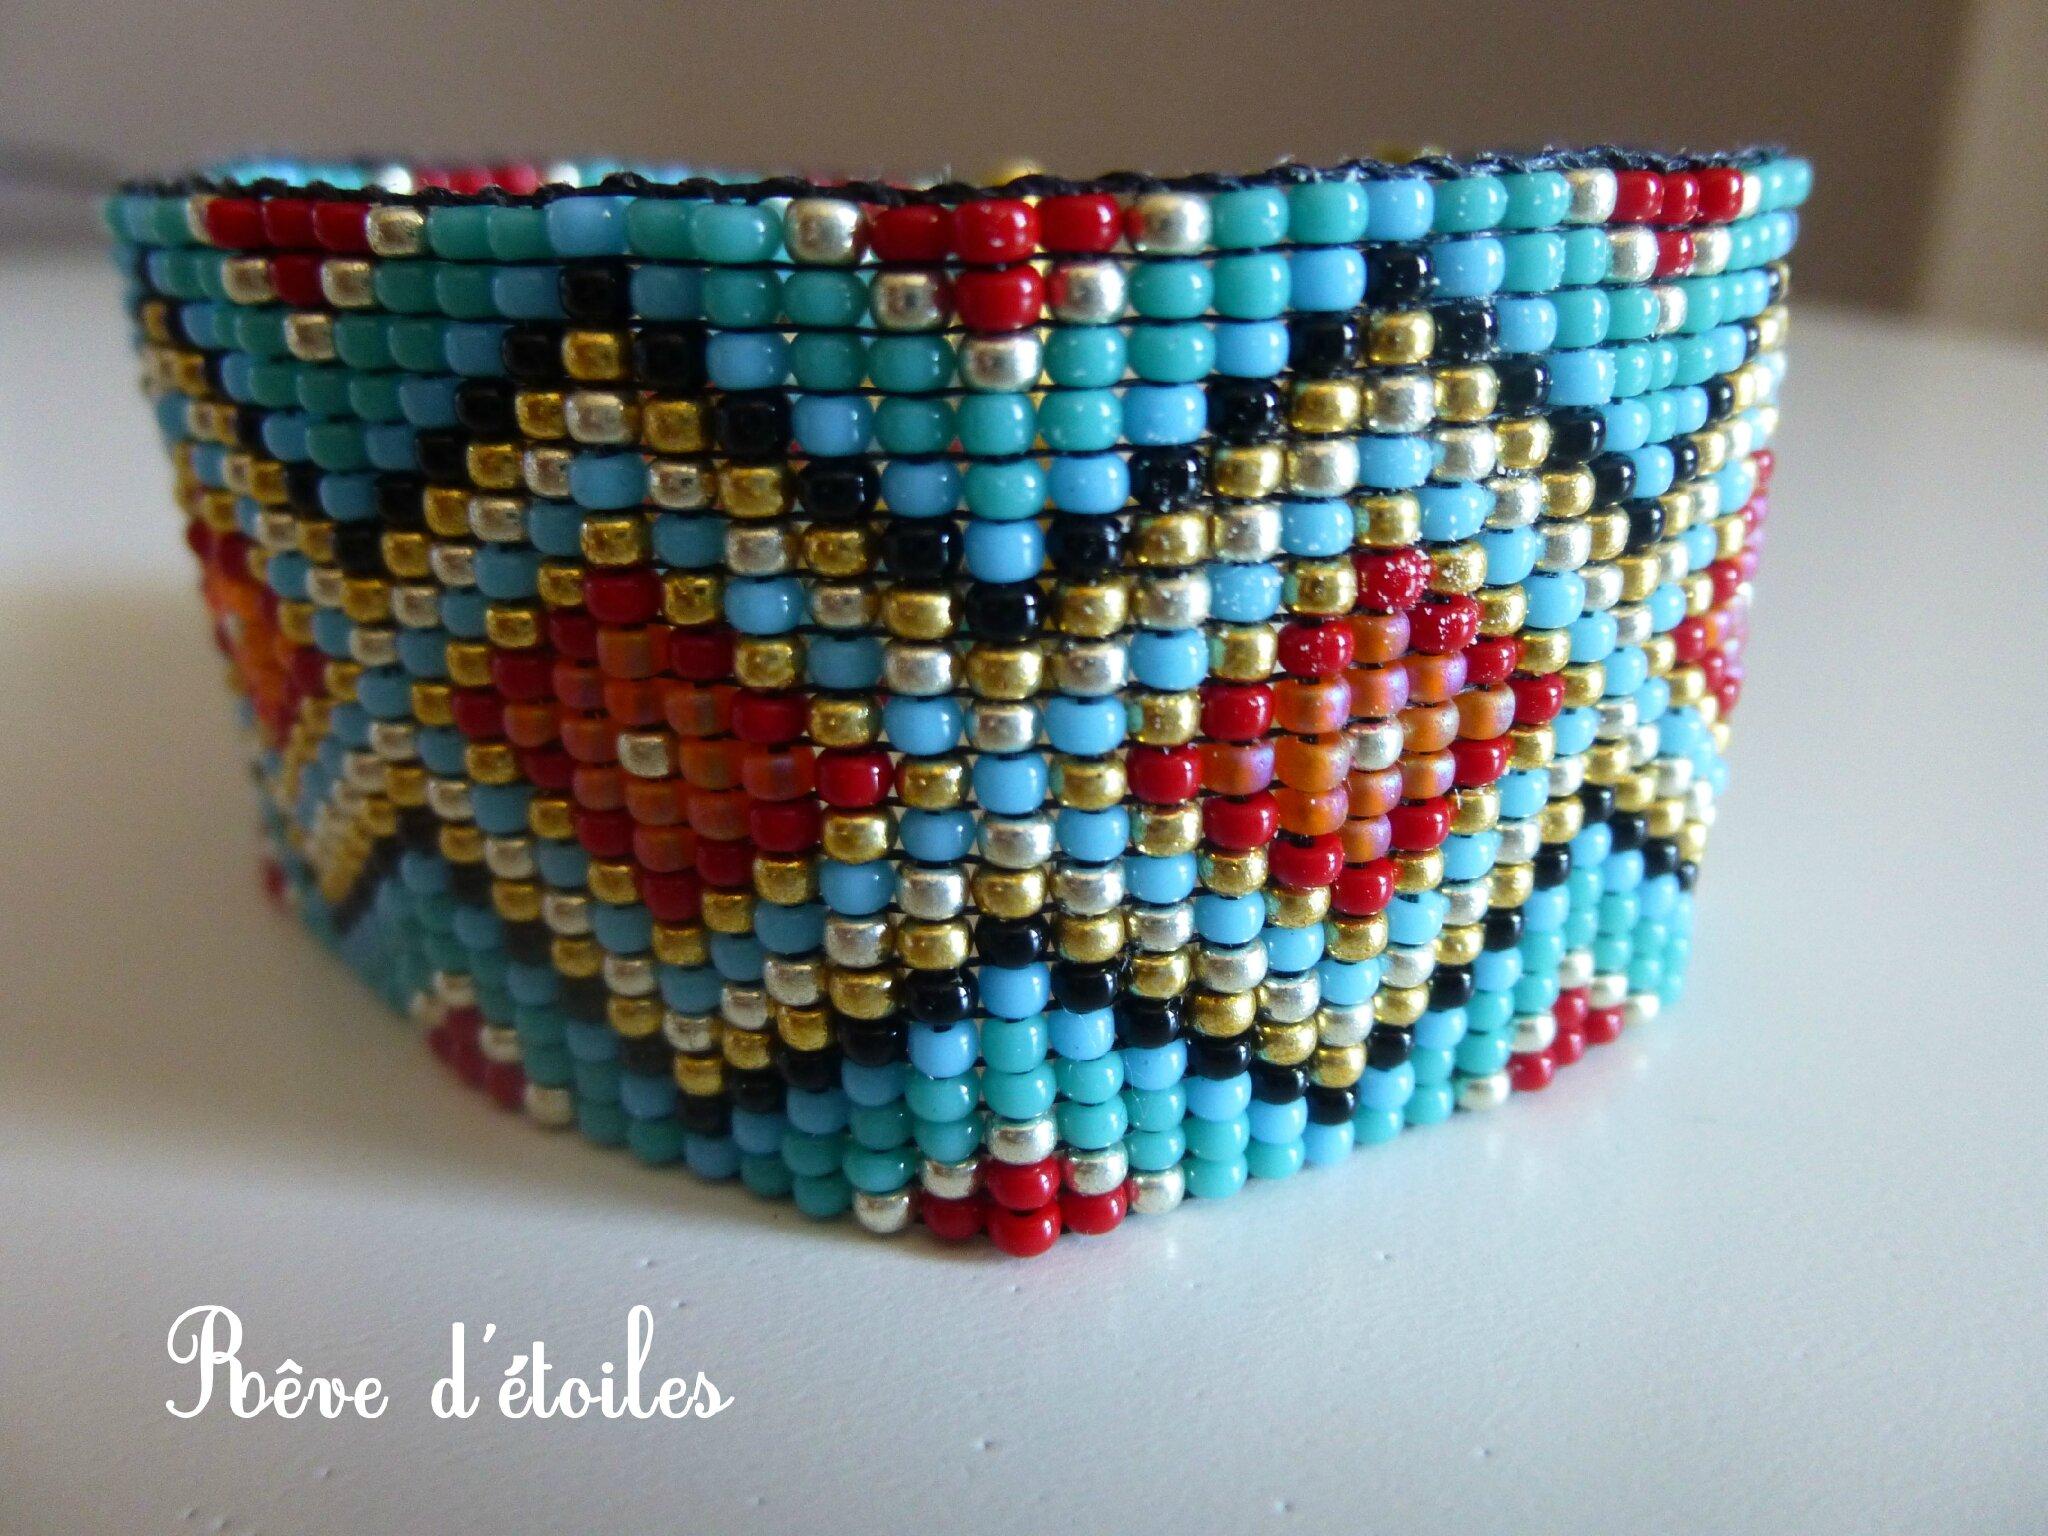 Très Bracelet tissage perles de rocailles - Rêve d' étoiles LH97